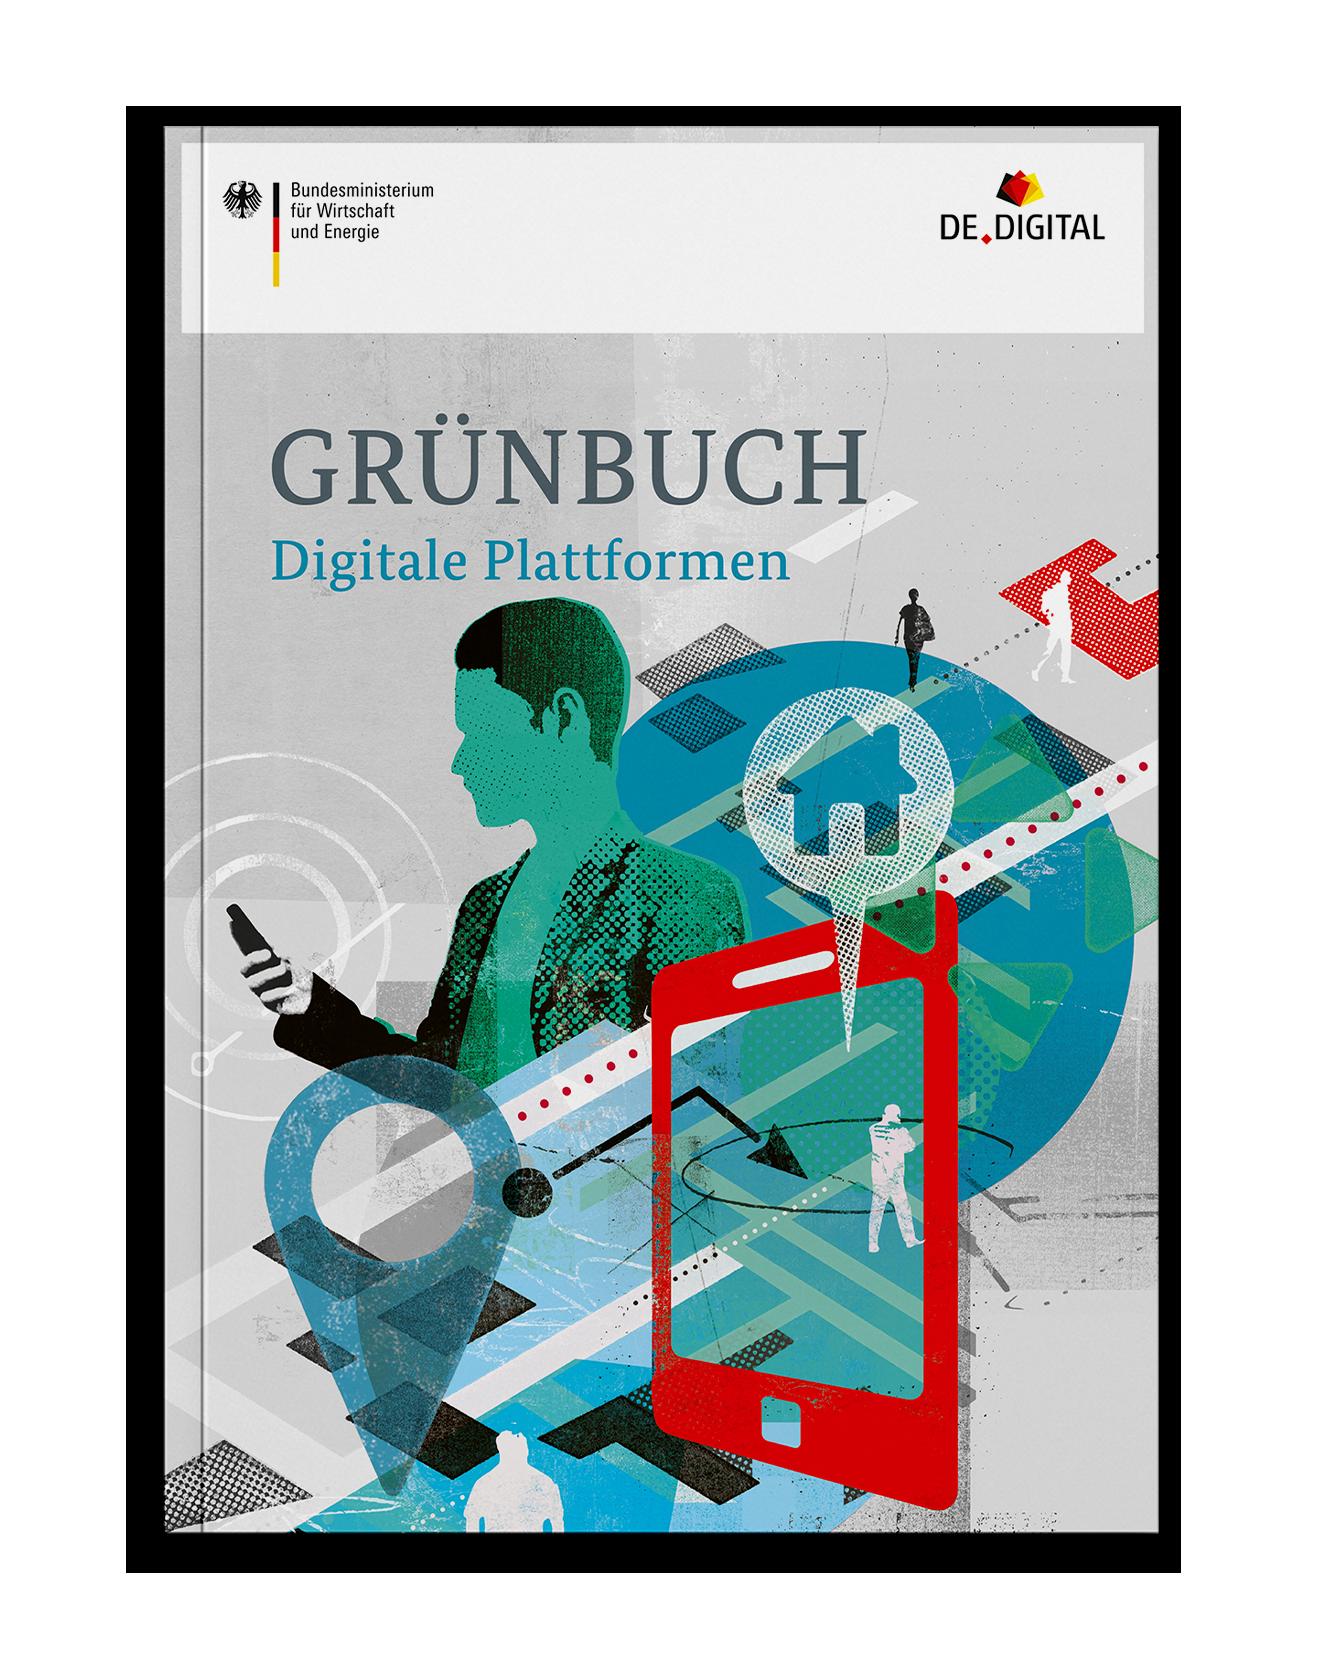 Grünbuch Coverdesign für das Bundesministerium für Wirtschaft und Energie zu digitalen Plattformen